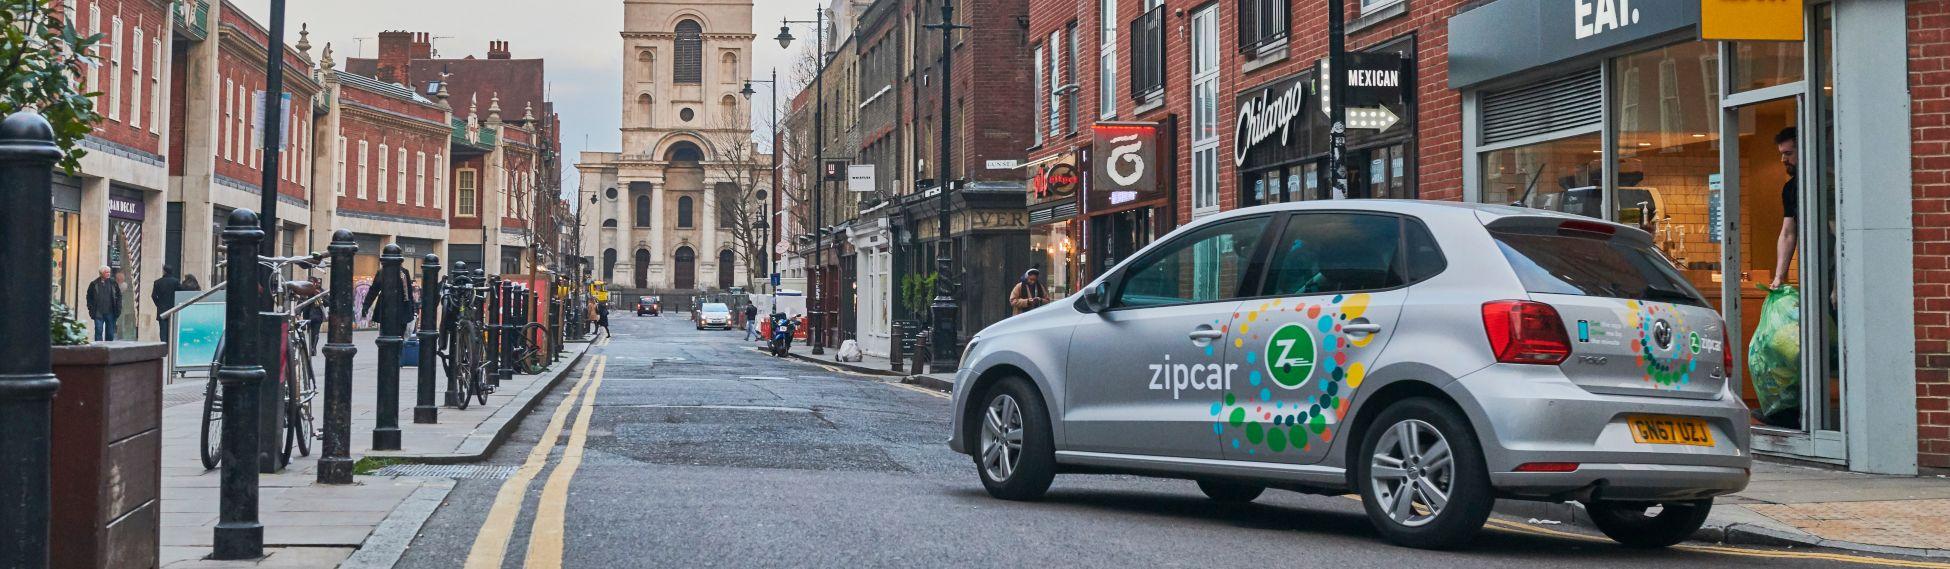 Zipcar in spitalfields